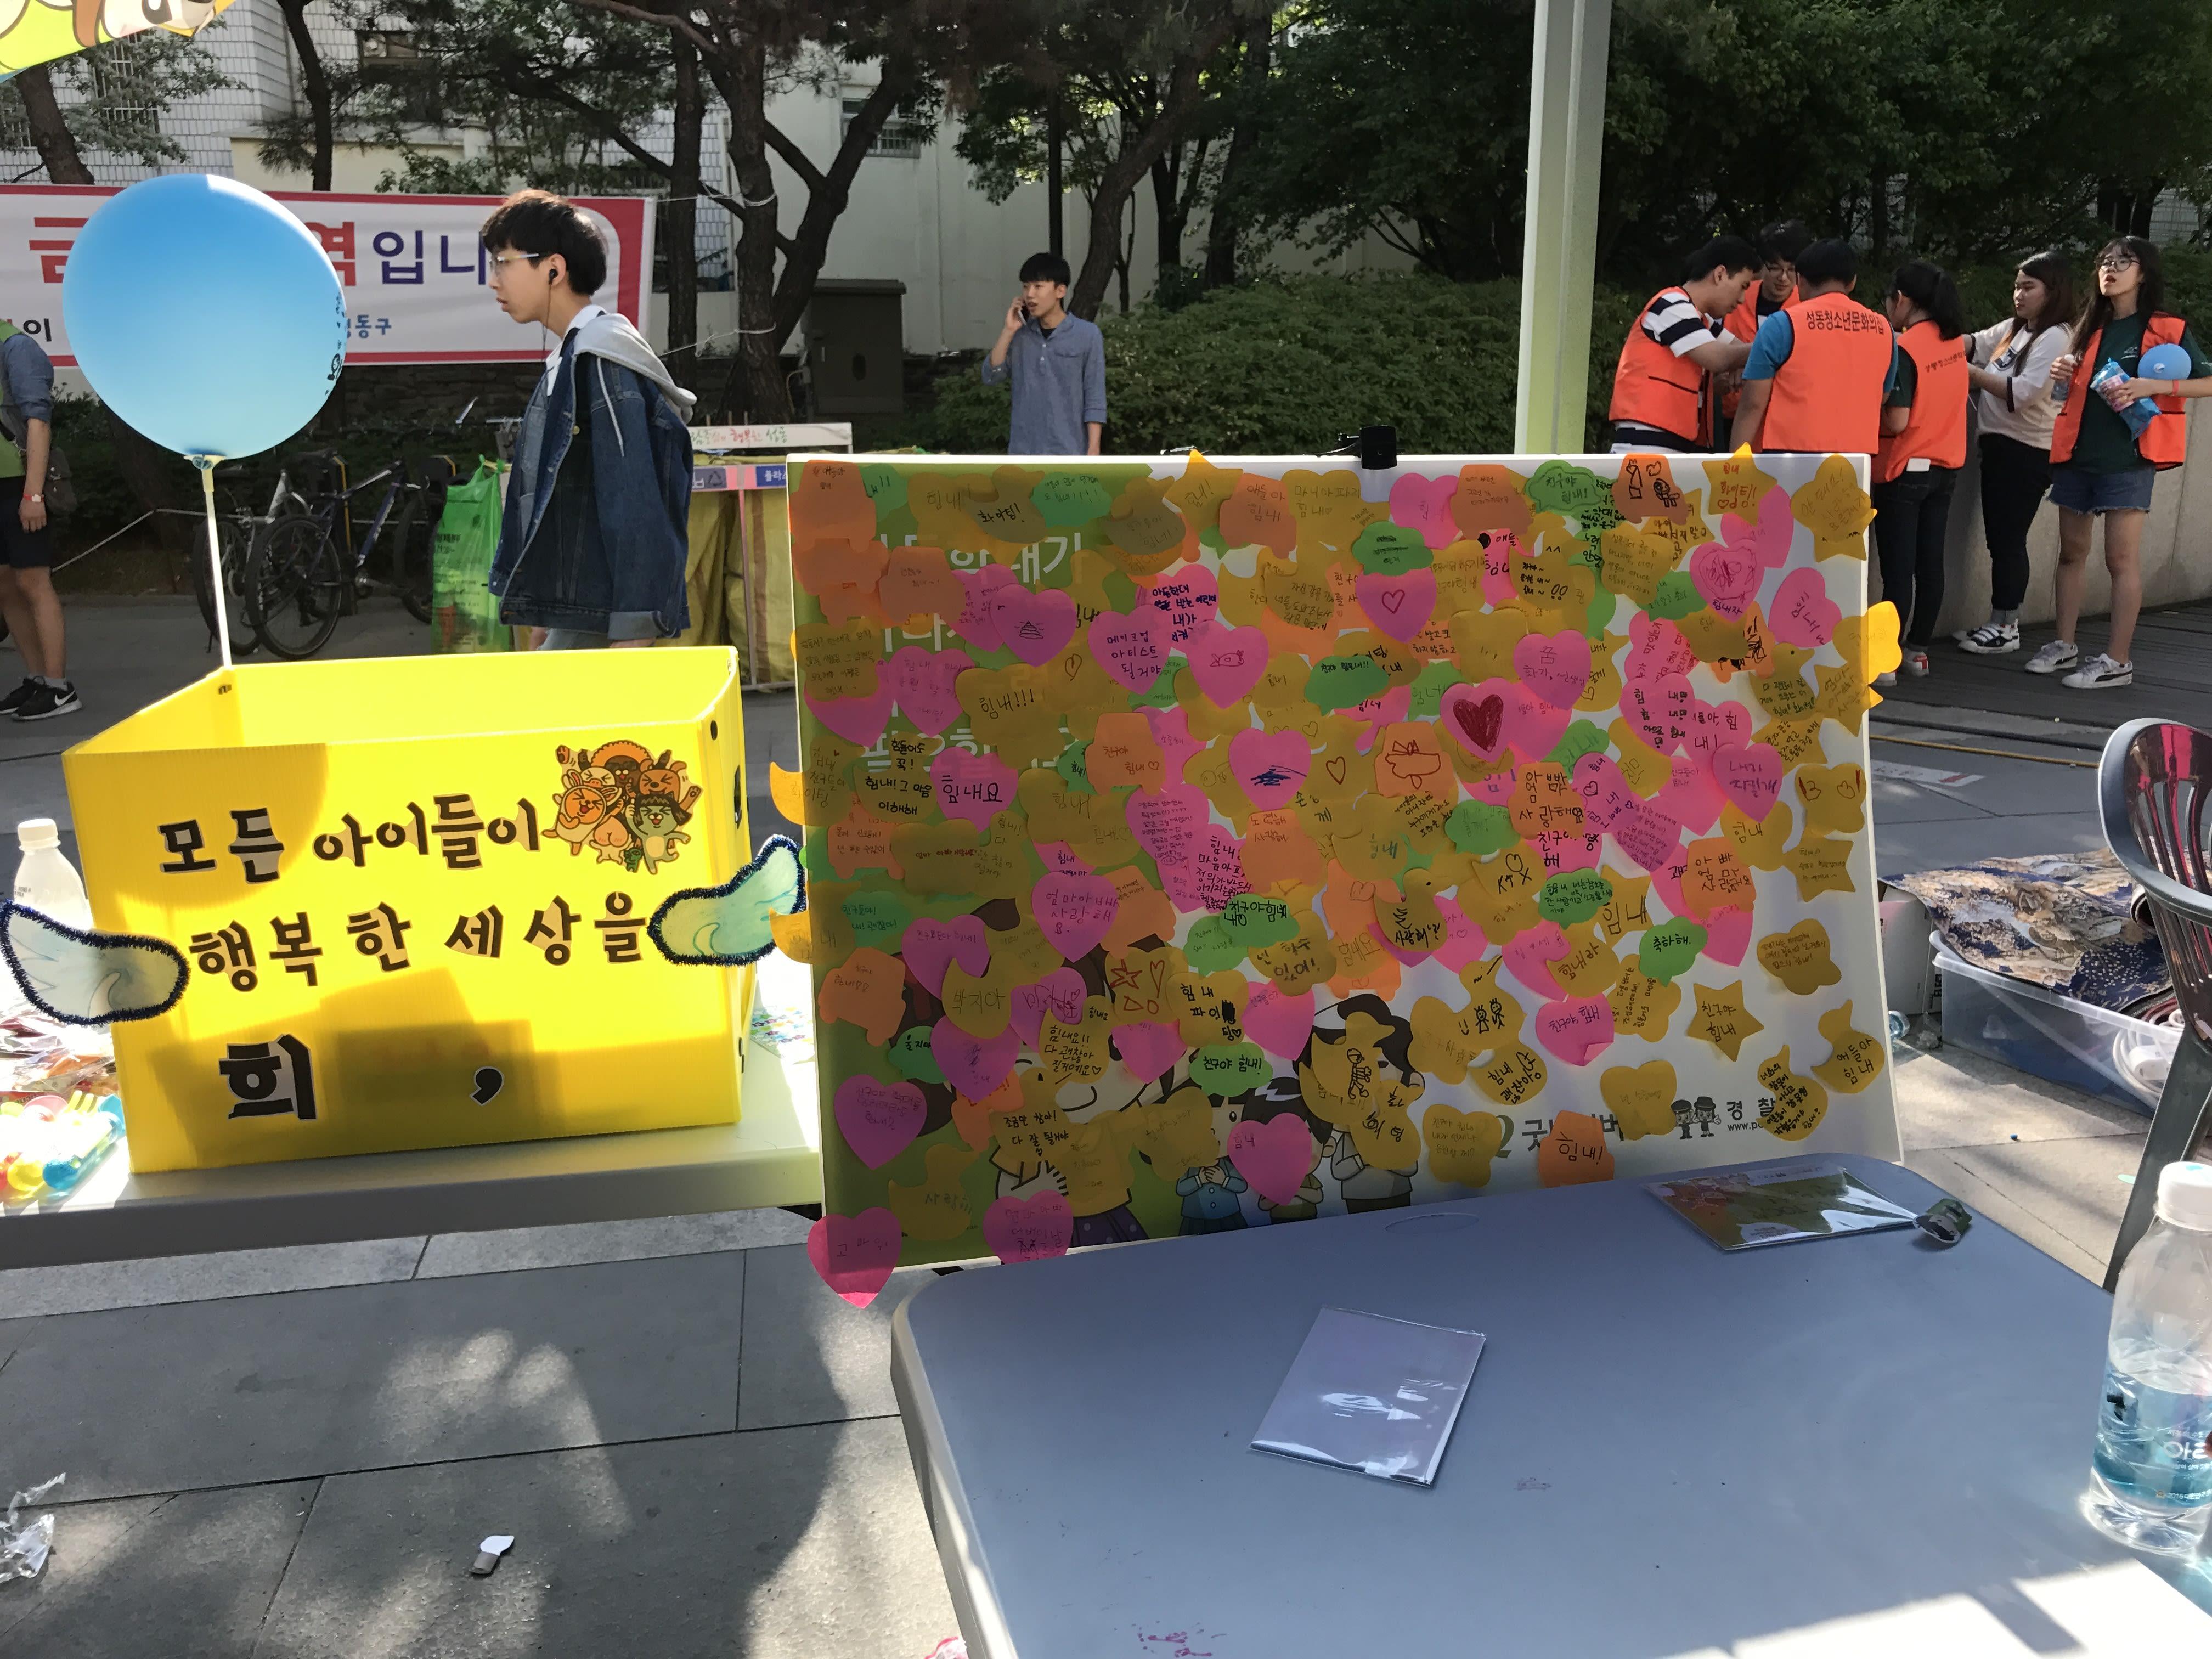 [굿네이버스 서울성동] 대학생자원봉사동아리 지음 4기 모집